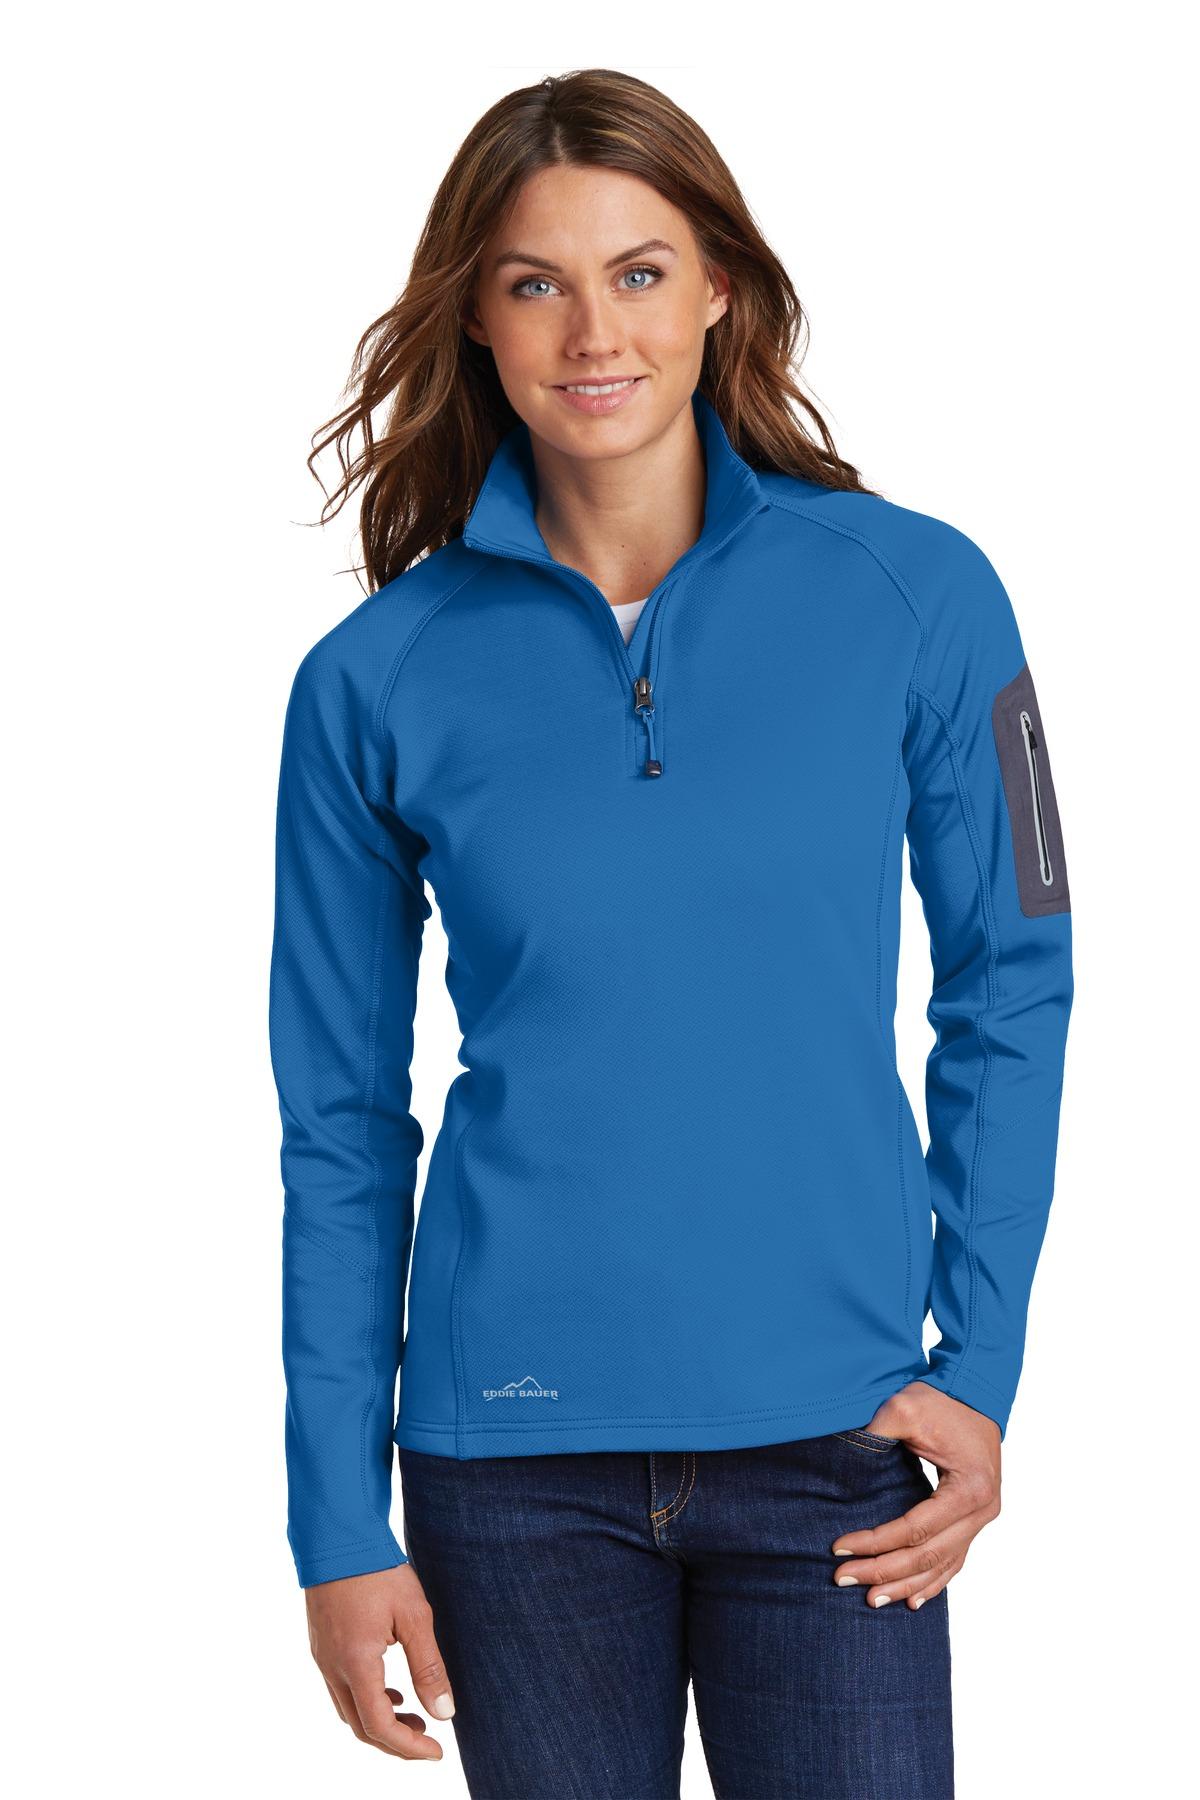 Eddie Bauer® Ladies 1/2-Zip Performance Fleece.-Eddie Bauer